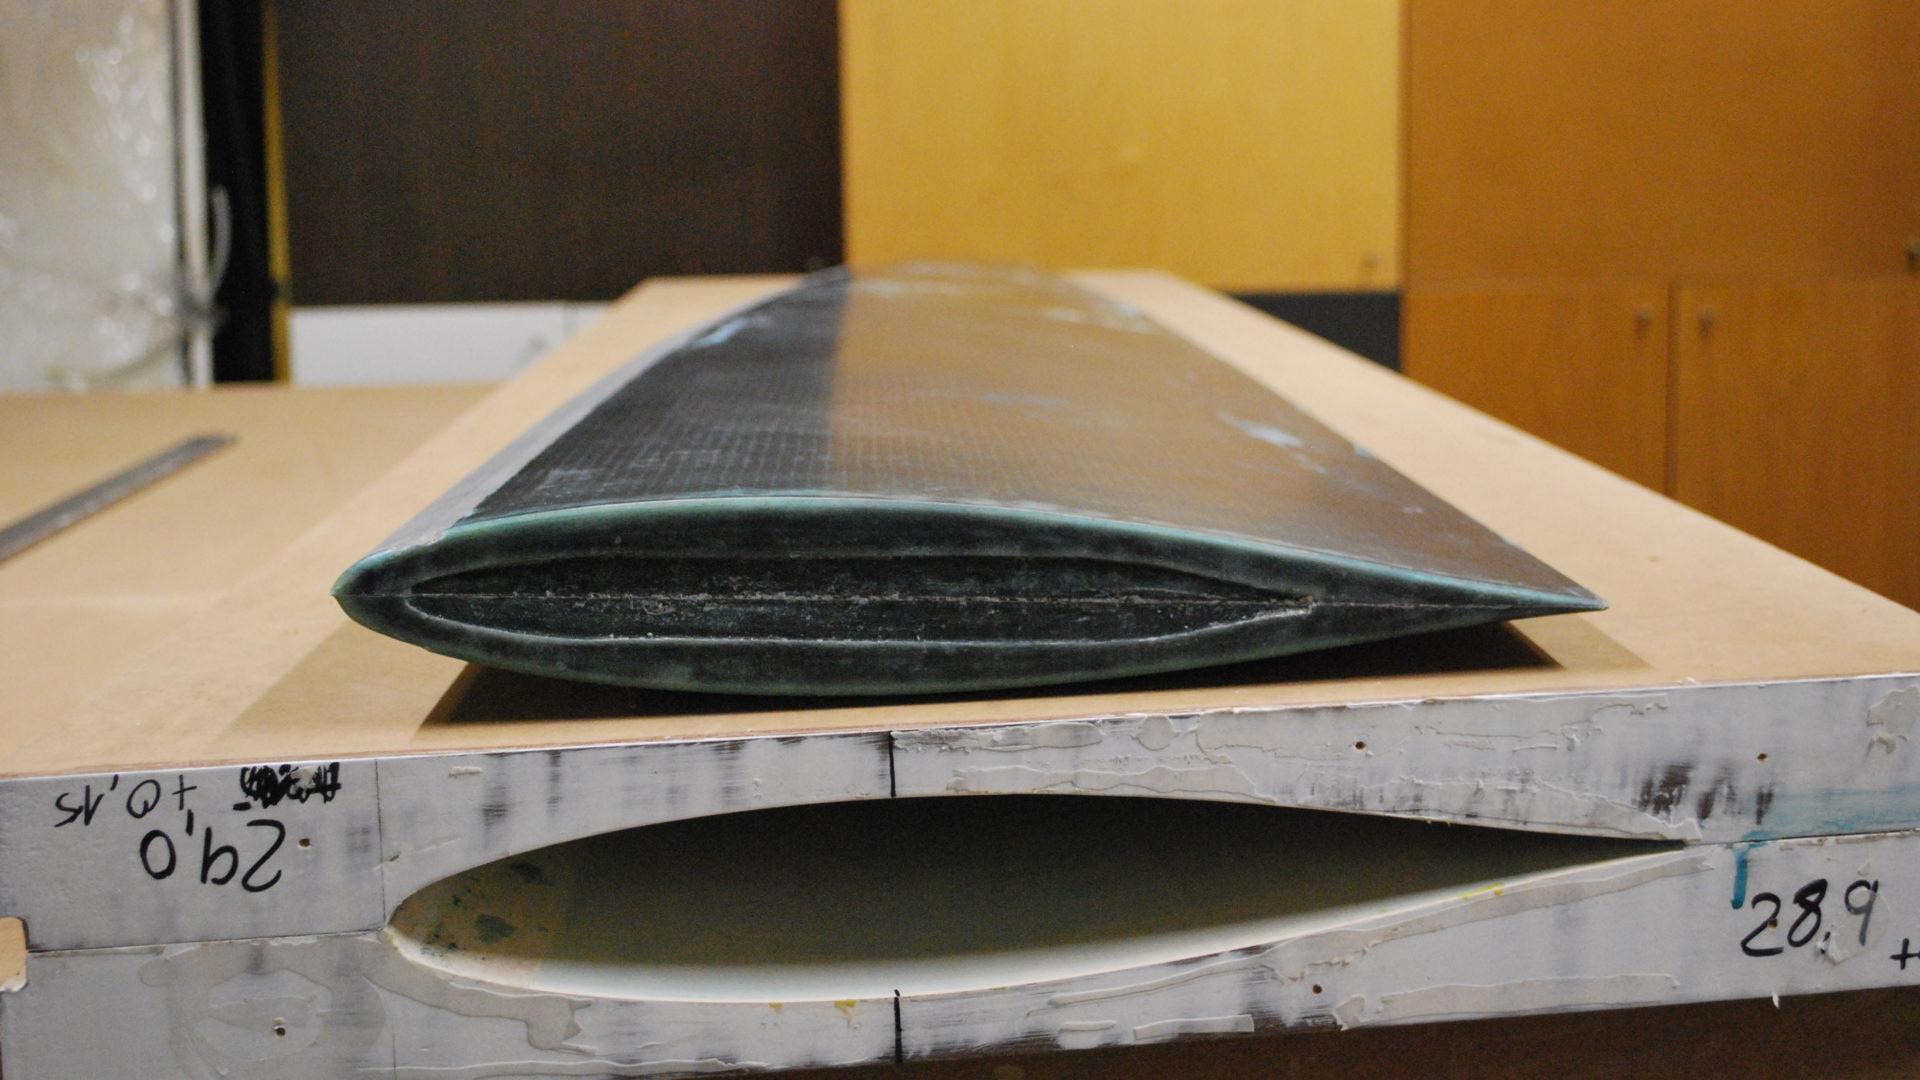 Ein Carbon-Ruderblatt liegt auf der Negativform, mit Hilfe derer es gefertigt wurde.